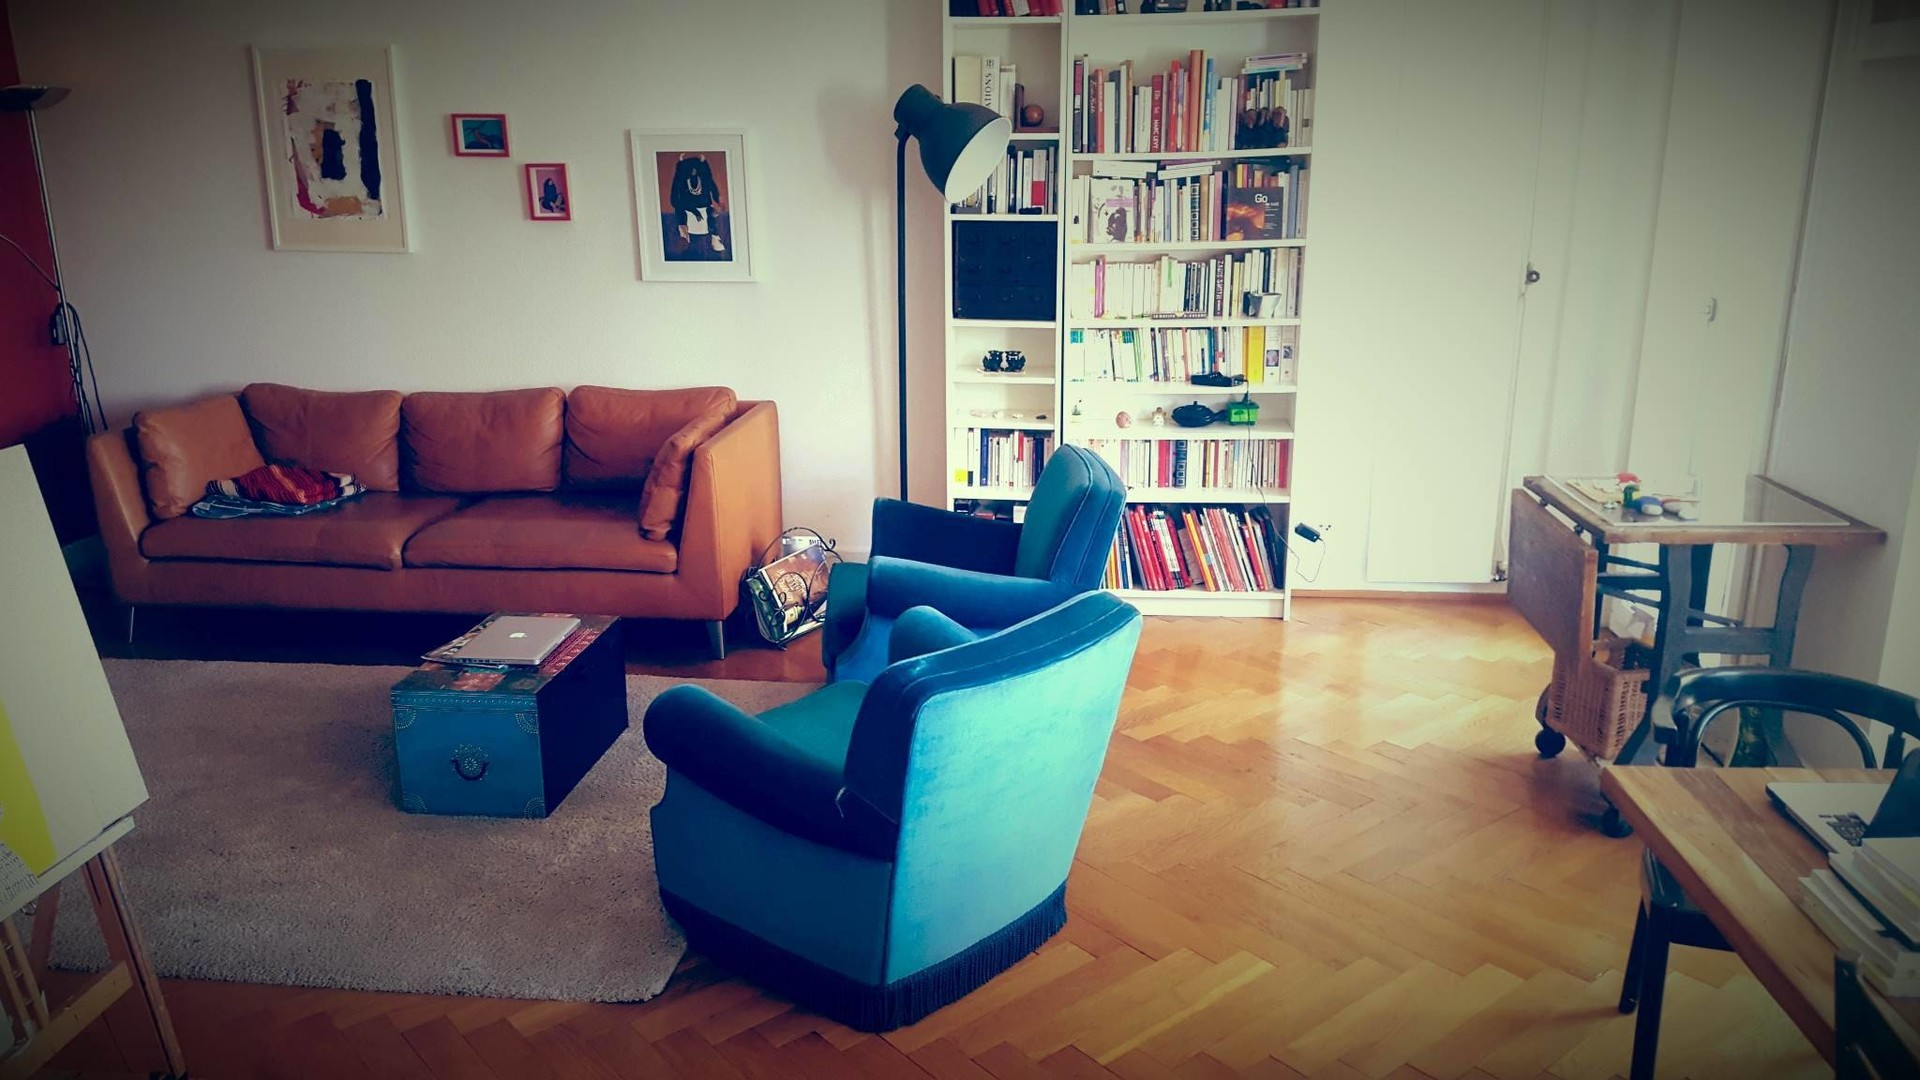 beautiful-spacious-apartment-lausanne-8650c750e072b2cb39f48b8712533267